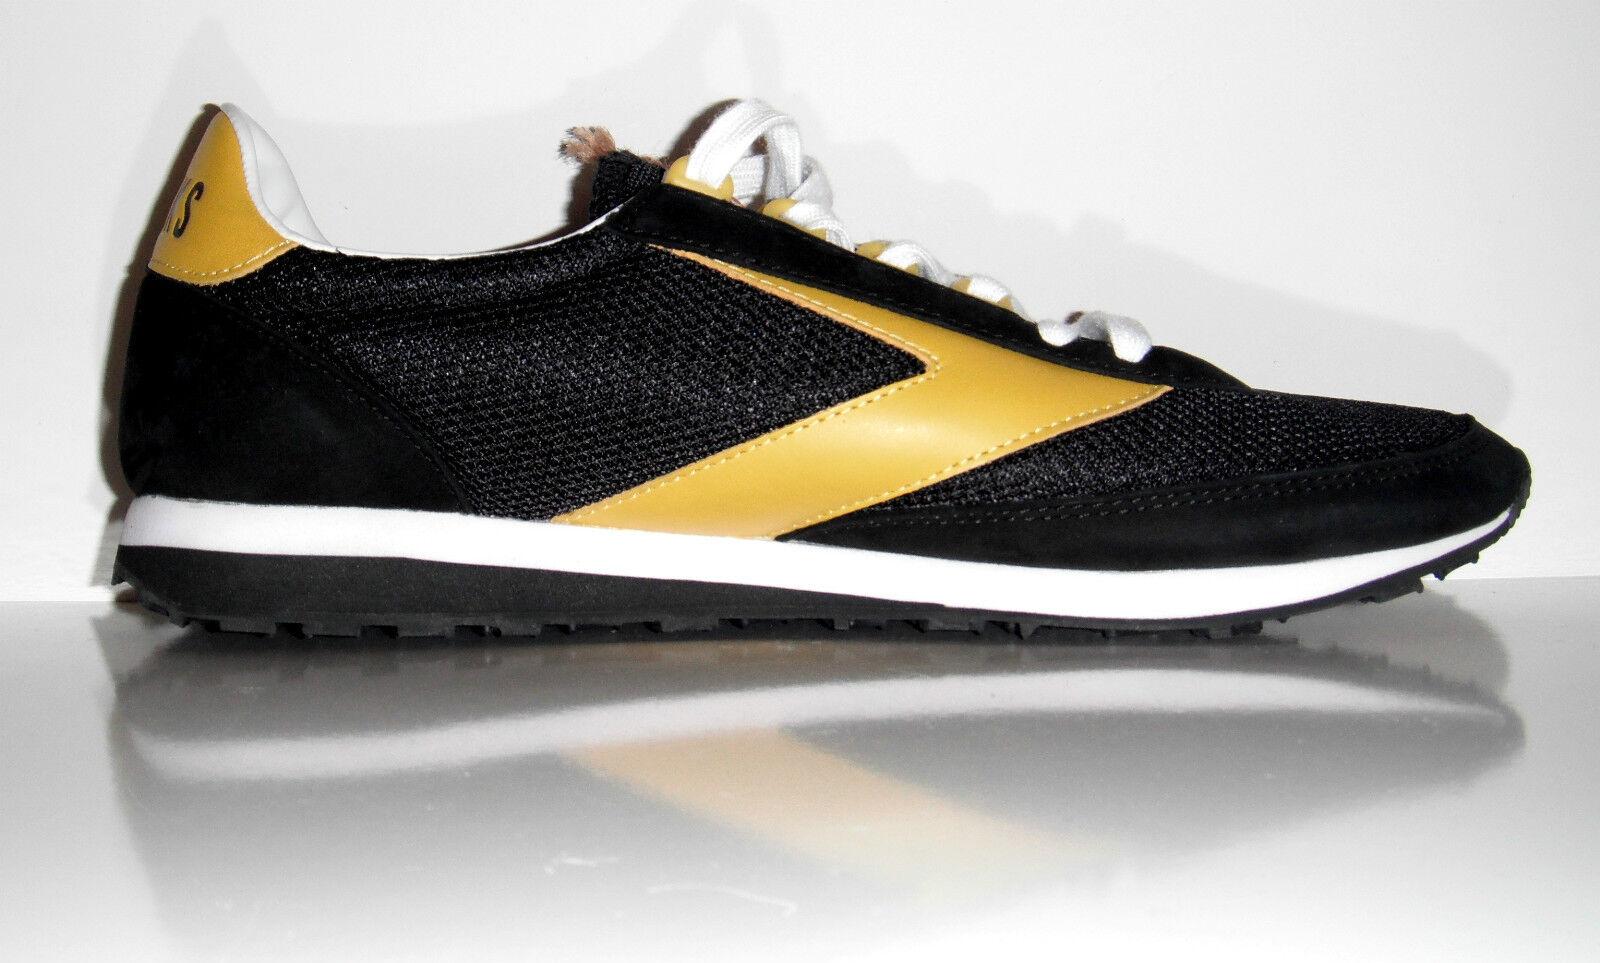 reputable site 56fb7 d6857 nuova brooks uomini vantage collezione corsa, heritage nubuk scarpa da corsa,  collezione sz 10